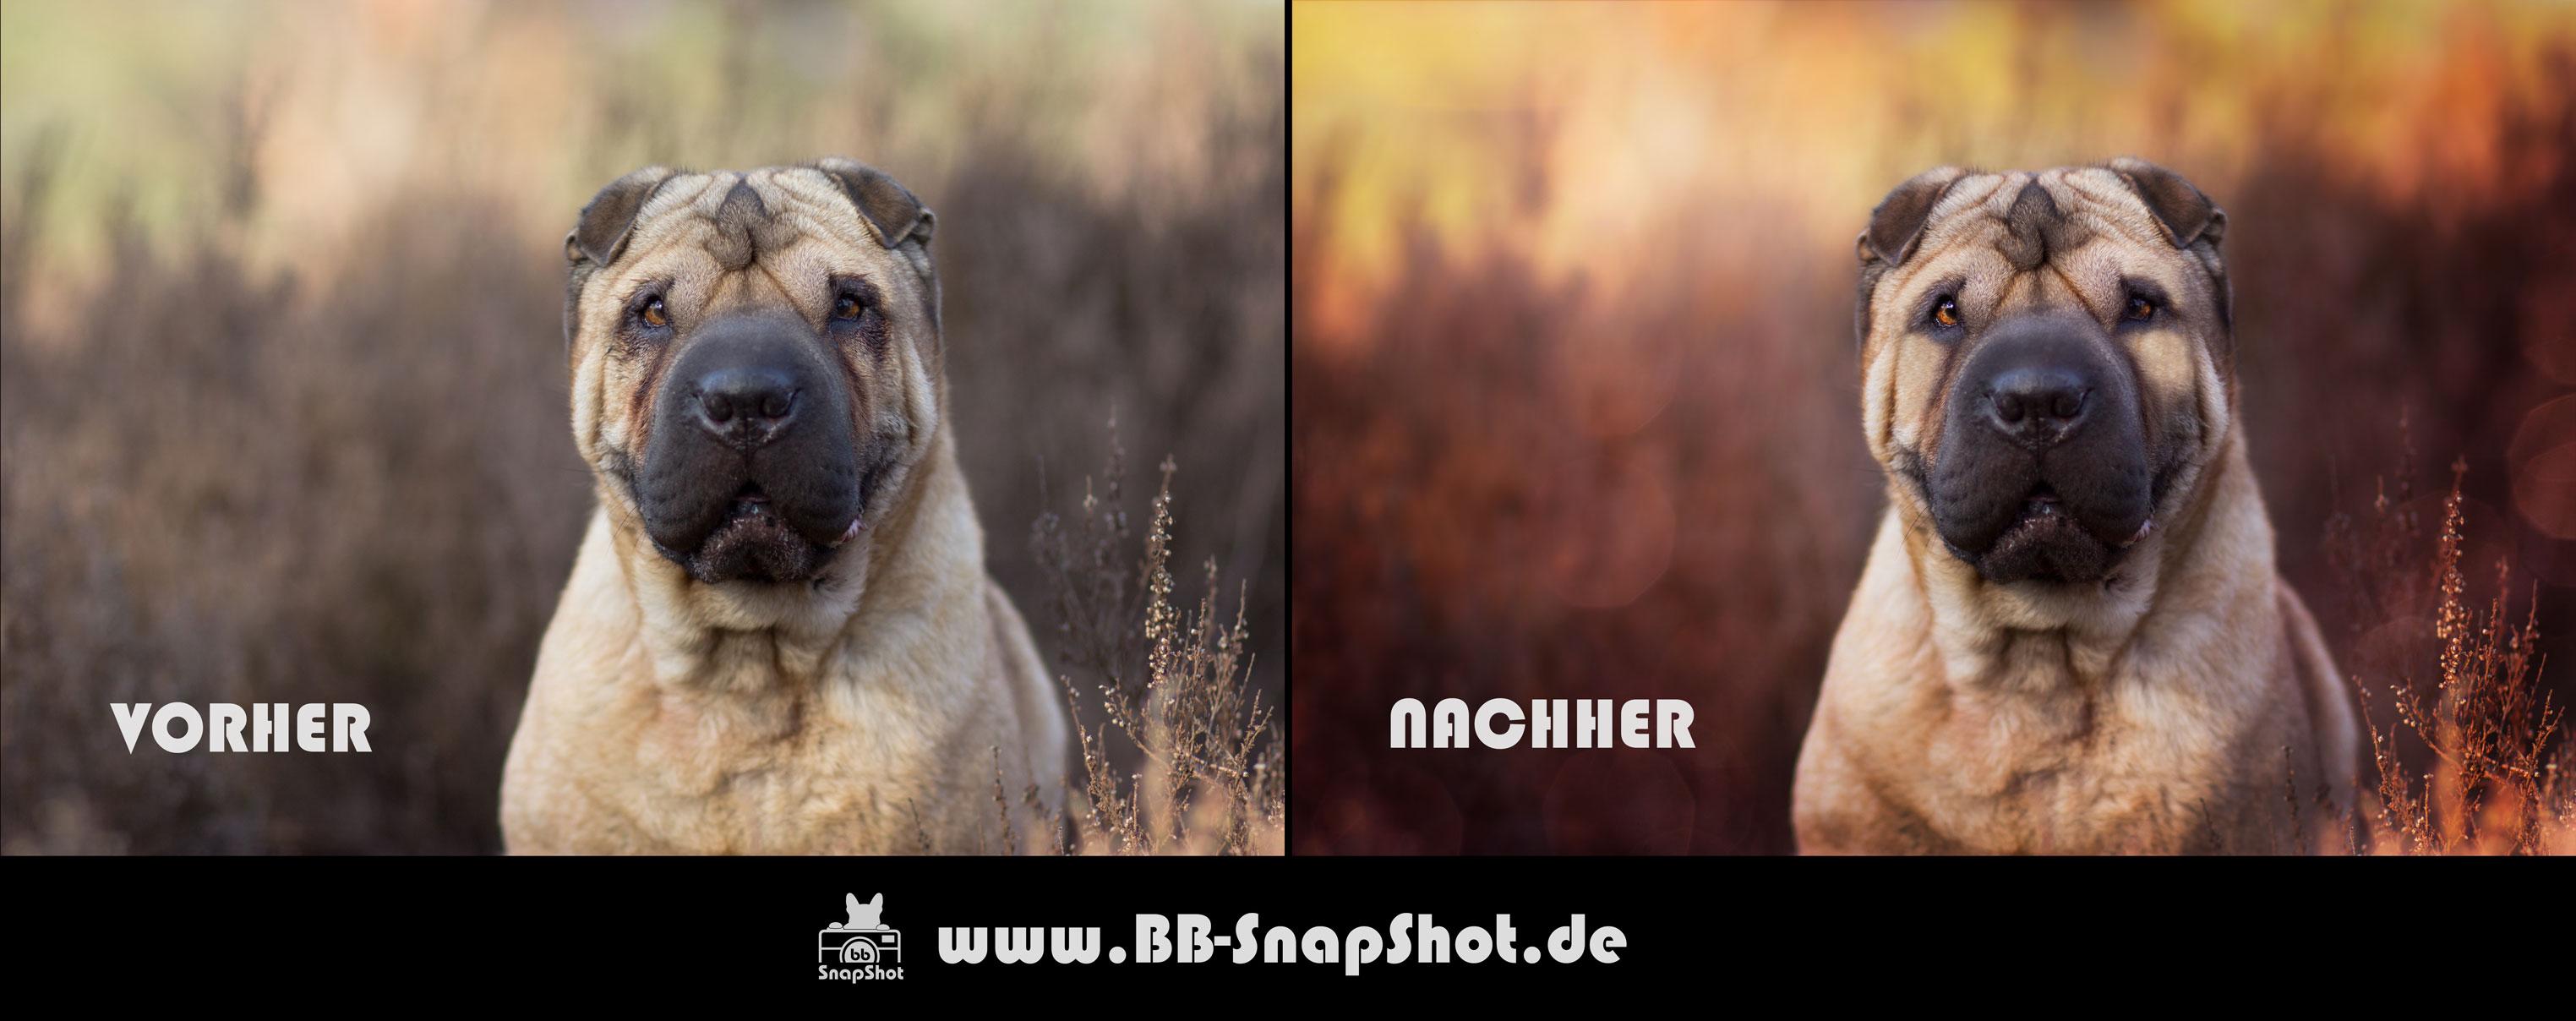 Bildbearbeitung BB SnapShot Hundefotografie in Kaiserslautern - Shar Pei Maja aufgenommen in der Mehlinger Heide im März